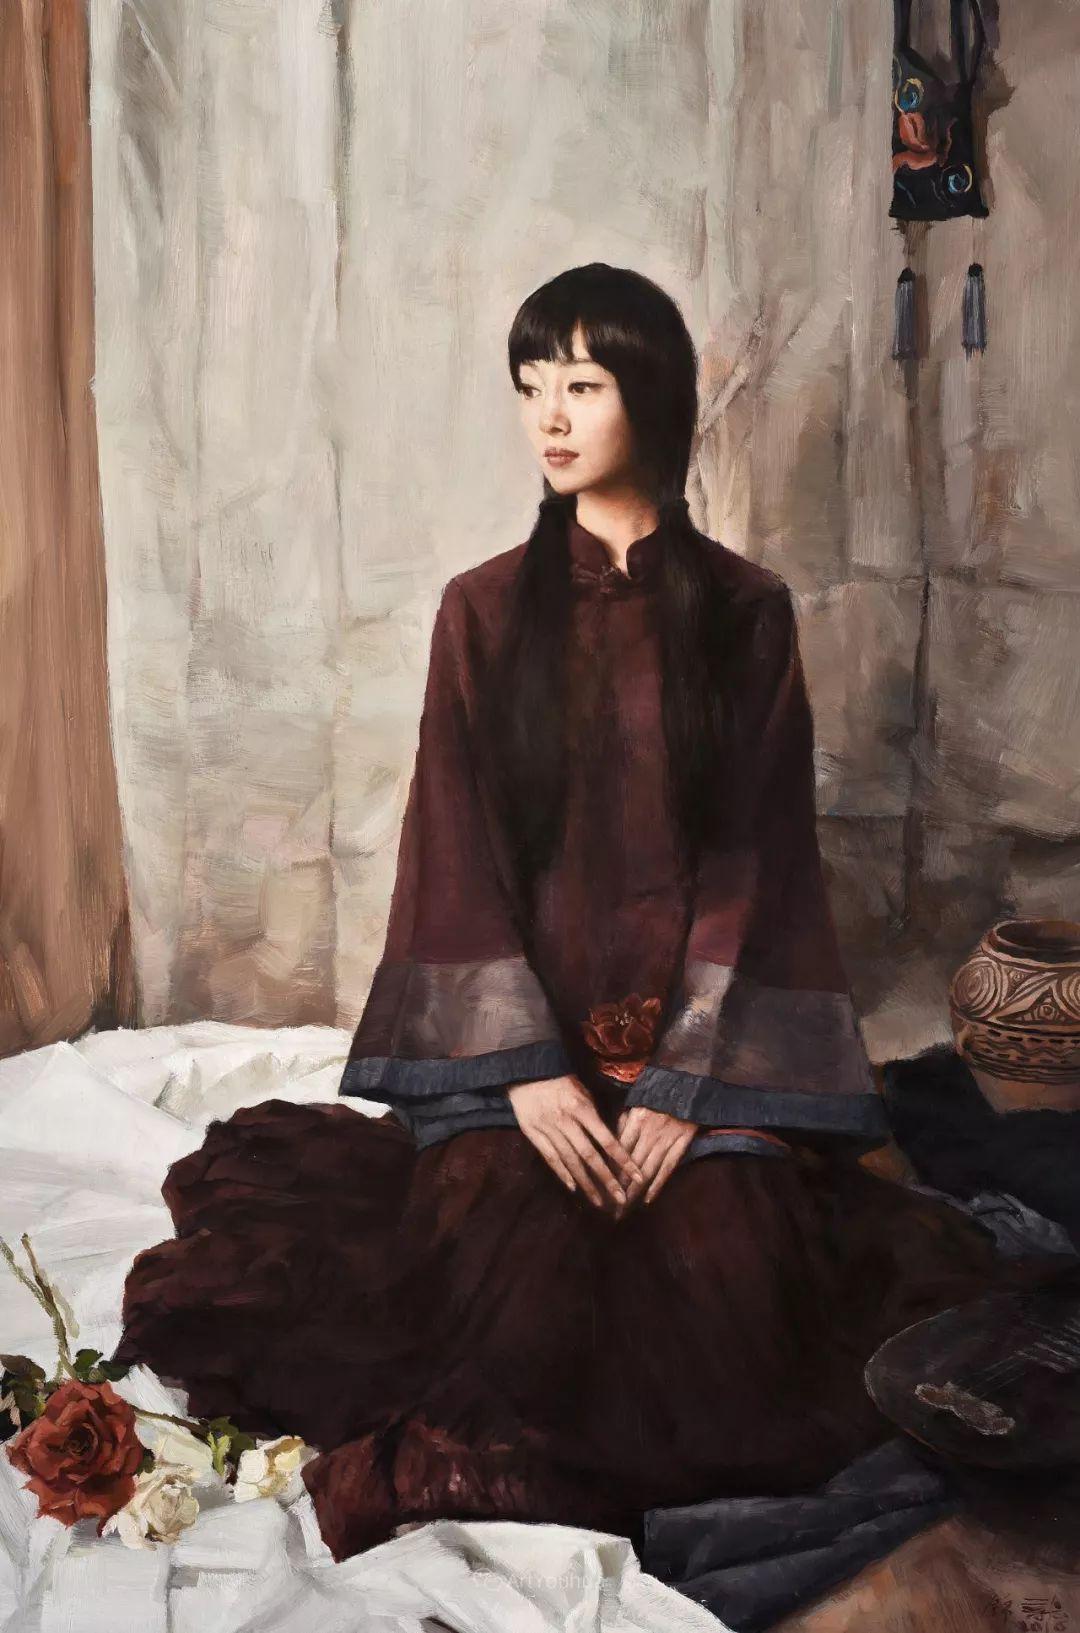 风情演绎唯美东方女性,单纯清澈,不媚不妖!插图14